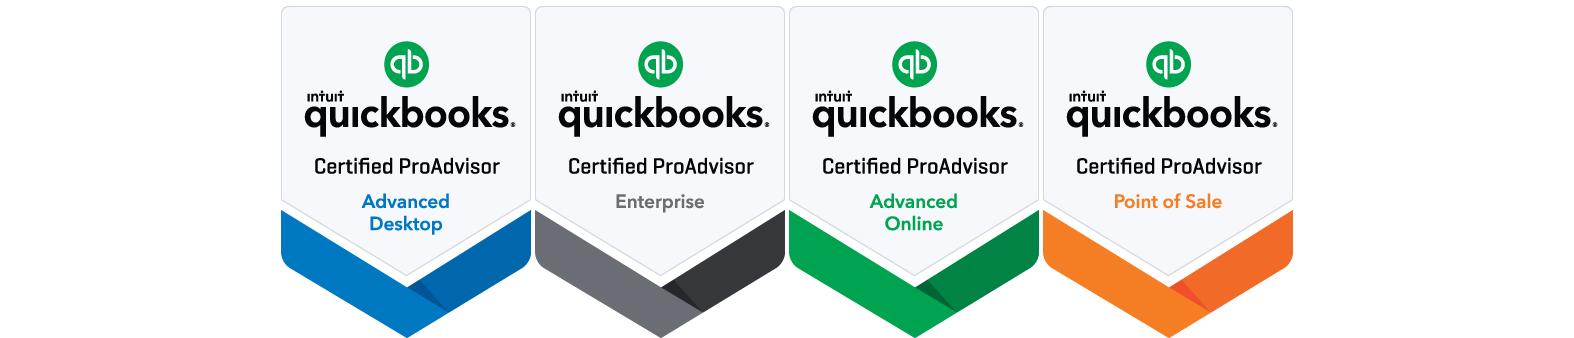 QUICKBOOKS CERTIFIED PROADVISOR SHREVEPORT, LA - QuickBooks Desktop Advanced Certification   QUICKBOOKS ENTERPRISE CERTIFICATion   QuickBooks Online Certification   QuickBooks Point of Sale Certification